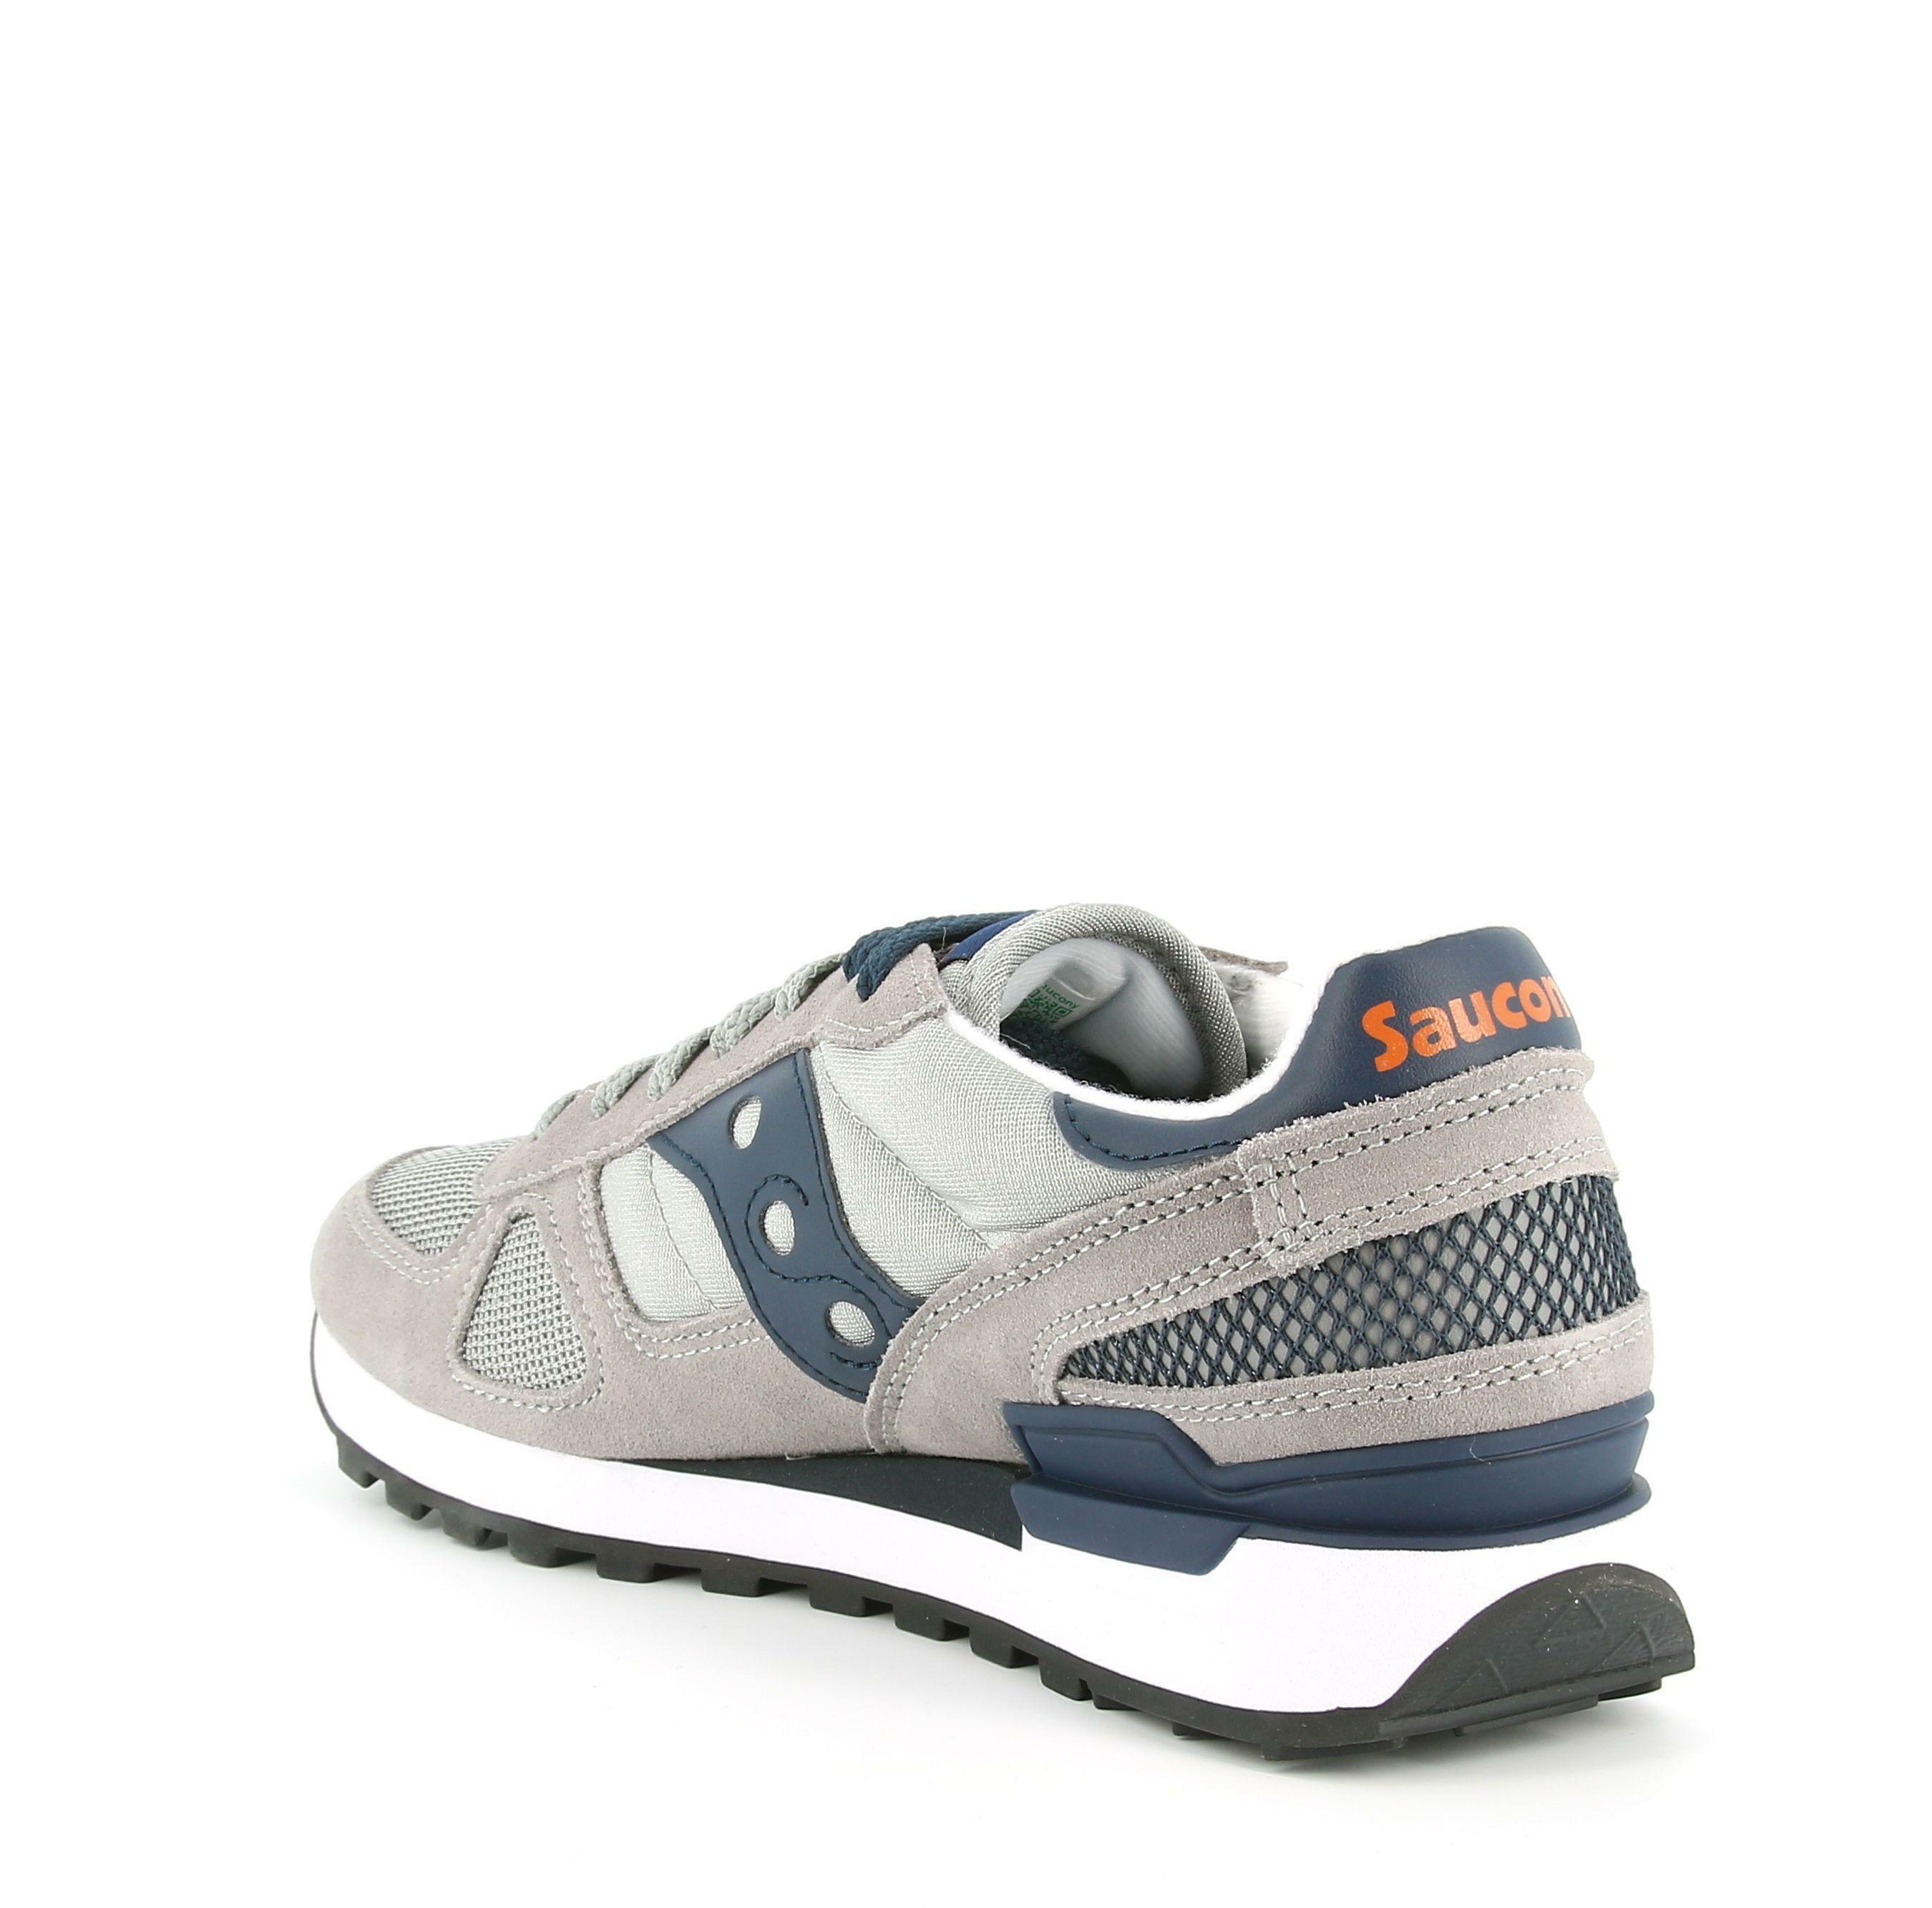 saucony saucony shadow original sneaker uomo s2108-563